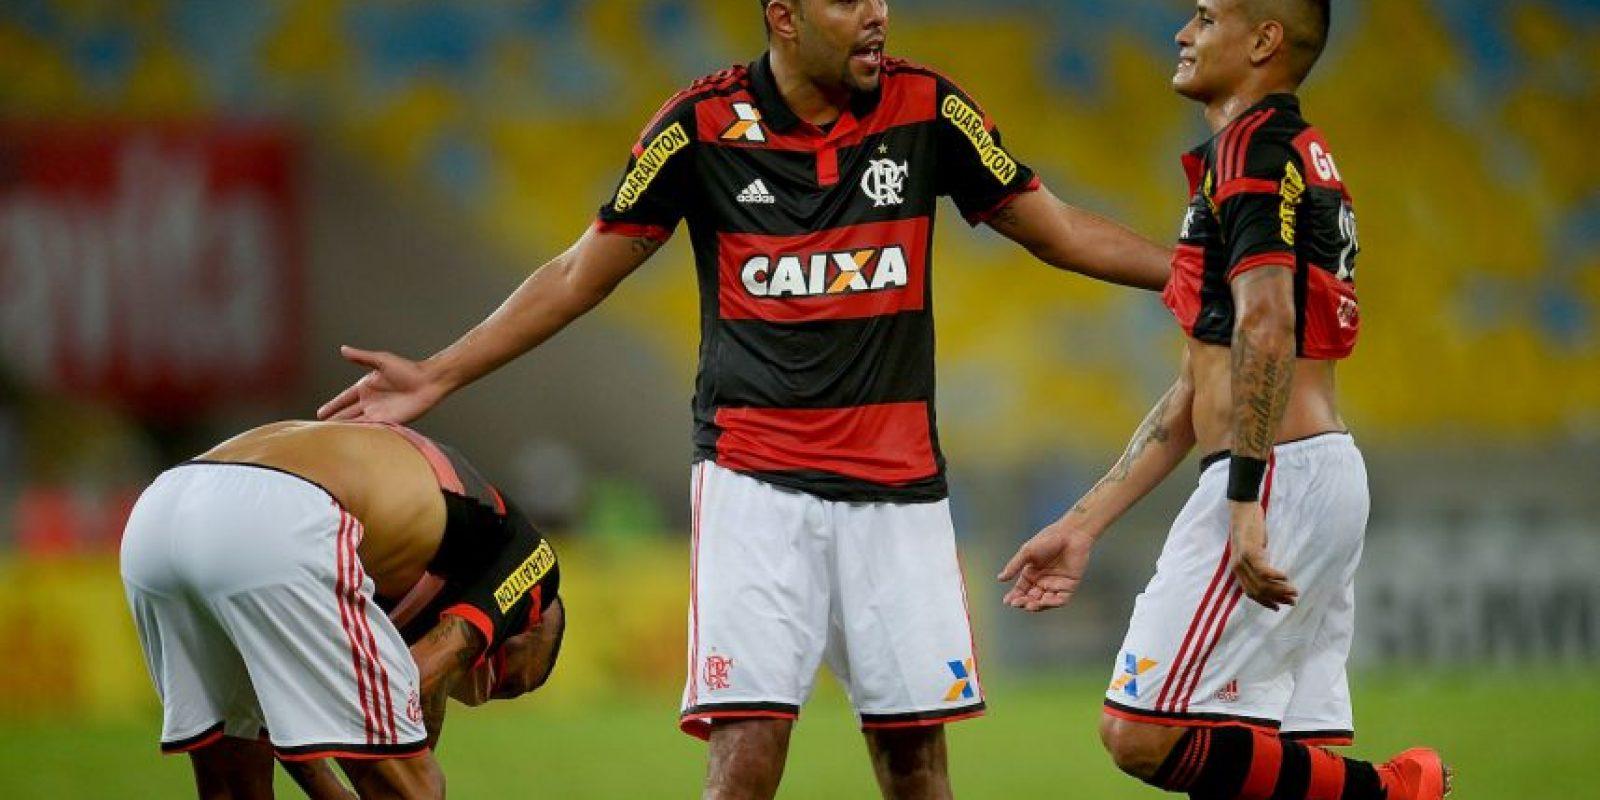 Es el cuarto equipo más ganador de Brasil Foto:Getty Images